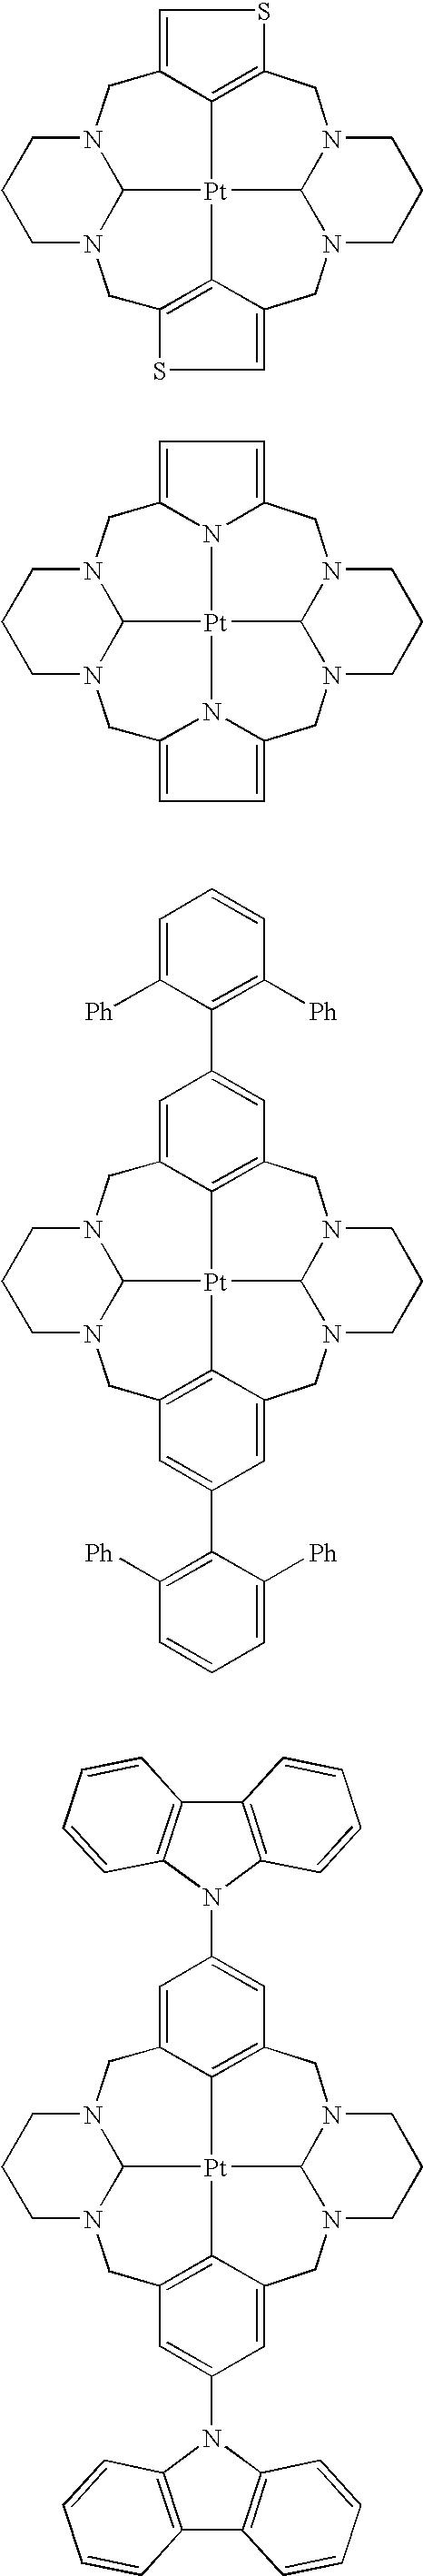 Figure US07655323-20100202-C00039